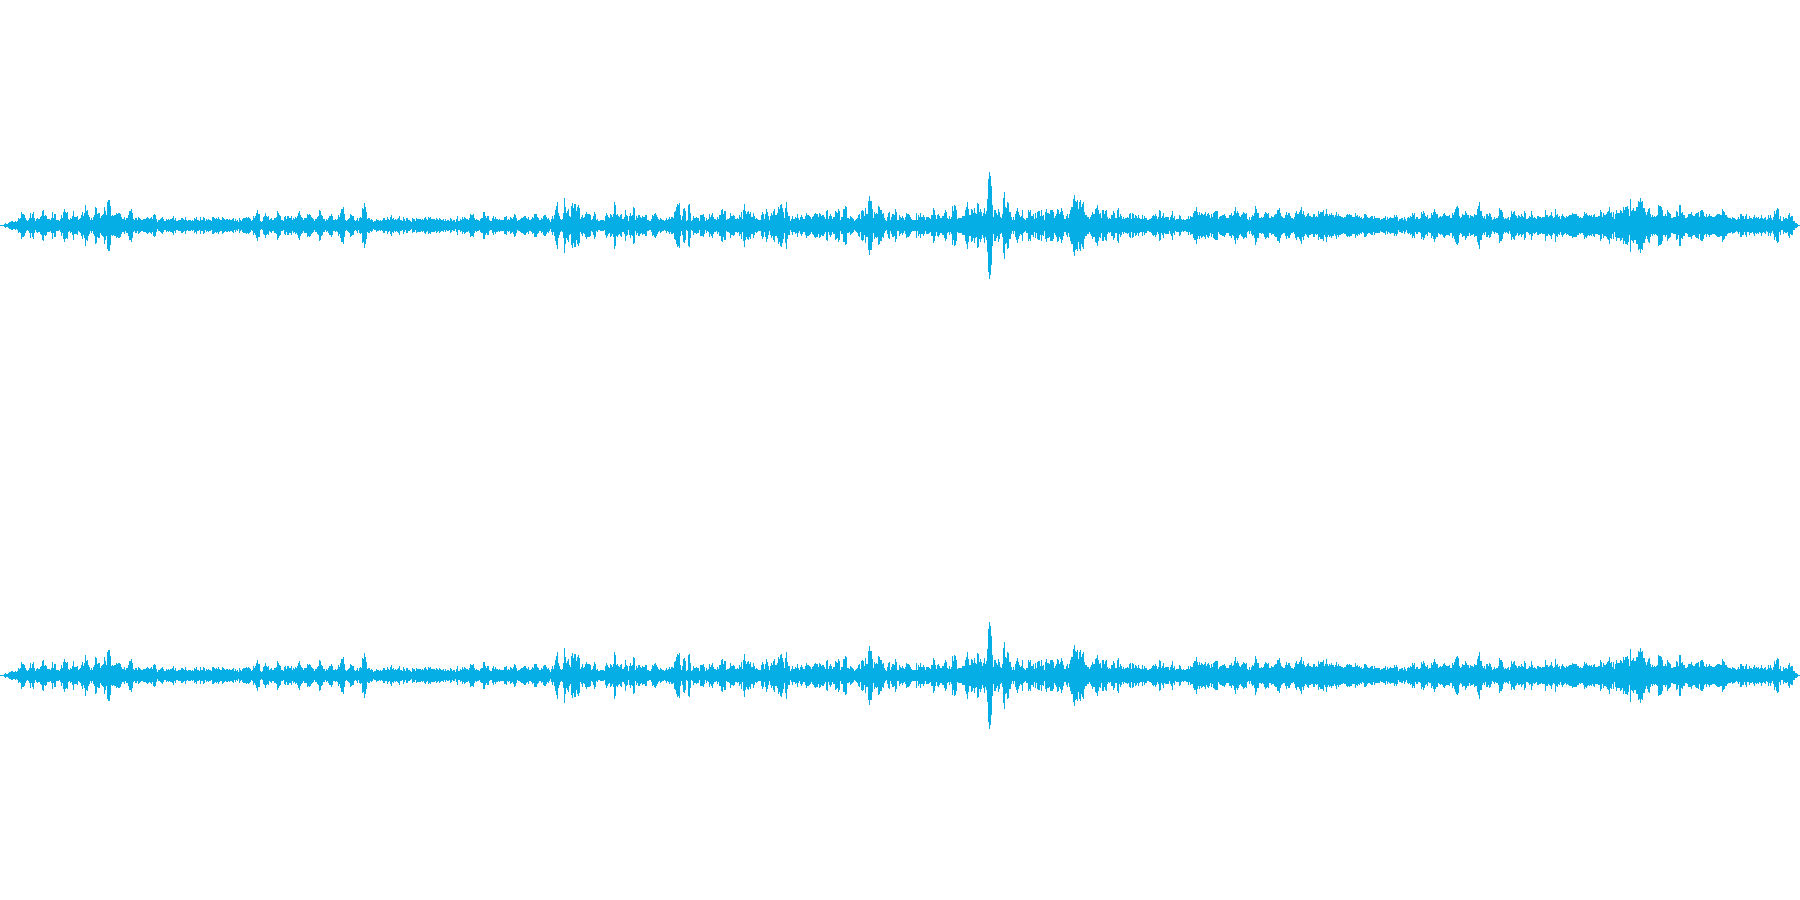 約40秒の鳥の声環境音です。の再生済みの波形